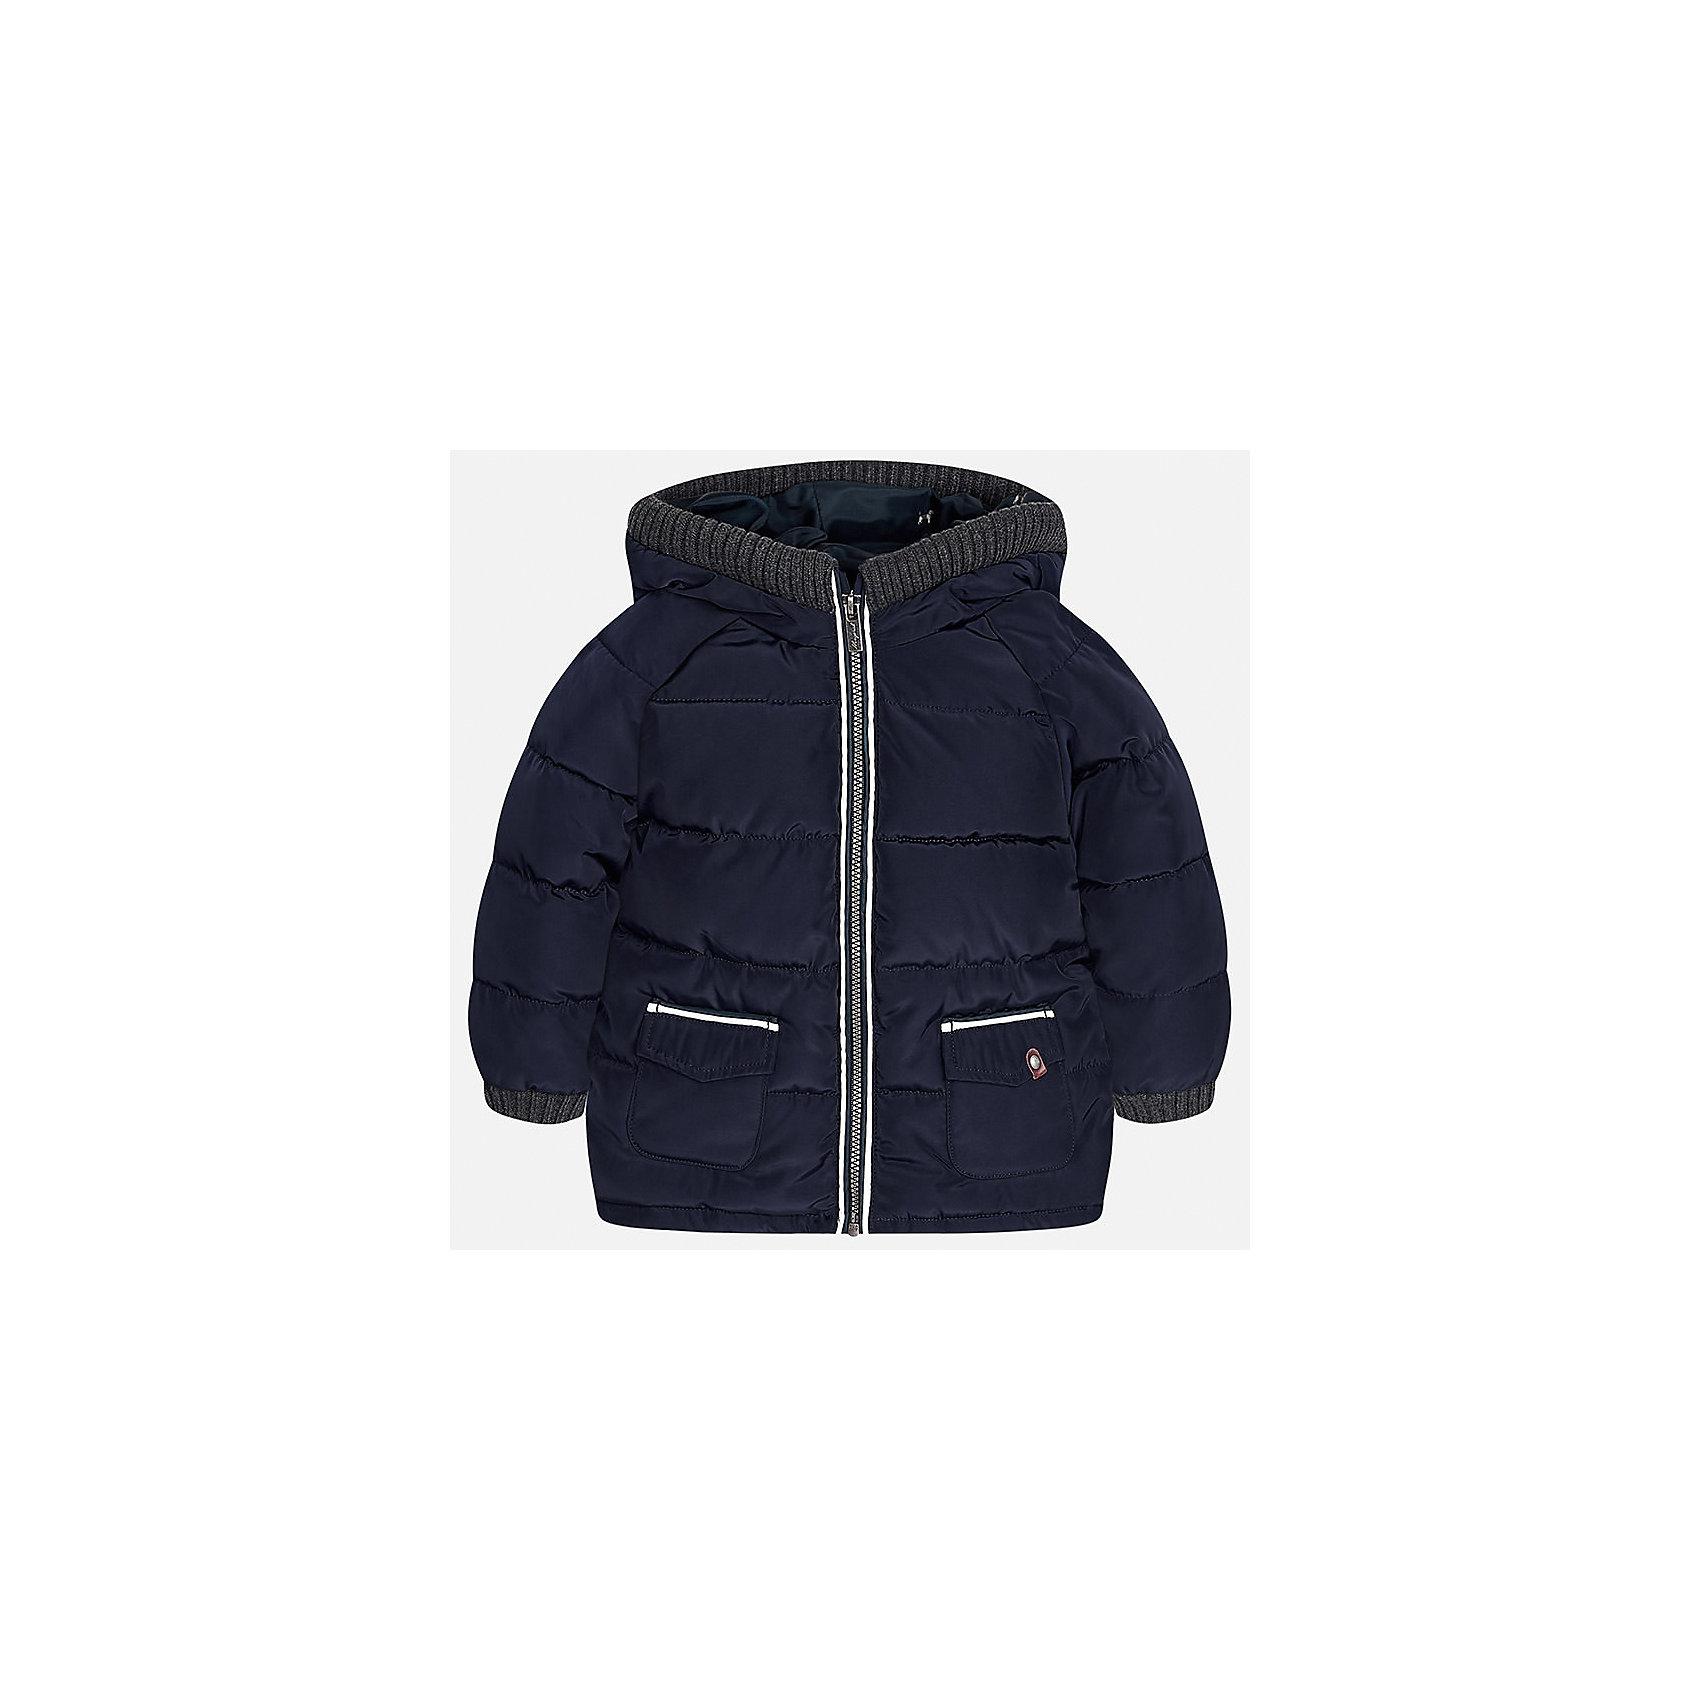 Куртка для мальчика MayoralВерхняя одежда<br>Характеристики товара:<br><br>• цвет: синий<br>• состав ткани: 100% полиэстер<br>• подкладка: 100% полиэстер<br>• утеплитель: 100% полиэстер<br>• сезон: демисезон<br>• температурный режим: от -10 до +10<br>• особенности модели: с капюшоном, дутая<br>• капюшон: несъемный<br>• застежка: молния<br>• страна бренда: Испания<br>• страна изготовитель: Индия<br><br>Теплая демисезонная куртка для мальчика от Майорал поможет обеспечить ребенку комфорт и тепло. Детская куртка с капюшоном отличается модным и продуманным дизайном. В куртке для мальчика от испанской компании Майорал ребенок будет выглядеть модно, а чувствовать себя - комфортно. <br><br>Куртку для мальчика Mayoral (Майорал) можно купить в нашем интернет-магазине.<br><br>Ширина мм: 356<br>Глубина мм: 10<br>Высота мм: 245<br>Вес г: 519<br>Цвет: синий<br>Возраст от месяцев: 24<br>Возраст до месяцев: 36<br>Пол: Мужской<br>Возраст: Детский<br>Размер: 98,80,86,92<br>SKU: 6935160